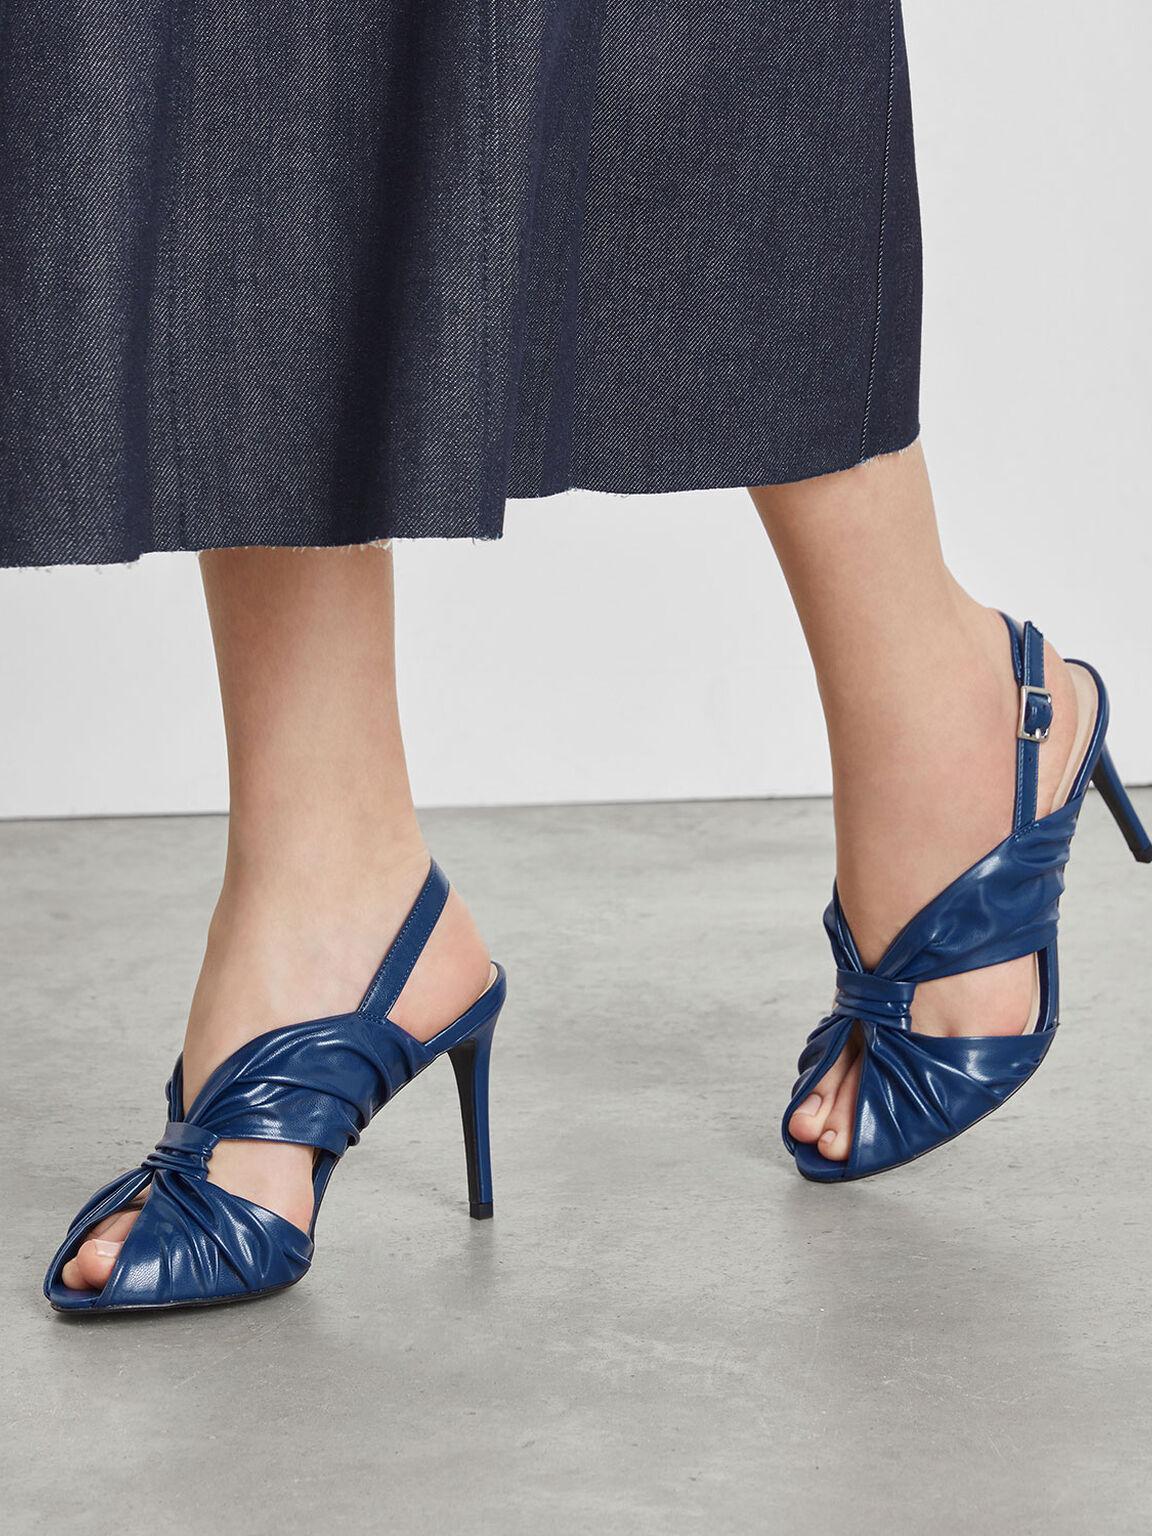 扭結繞踝細跟鞋, 深藍色, hi-res